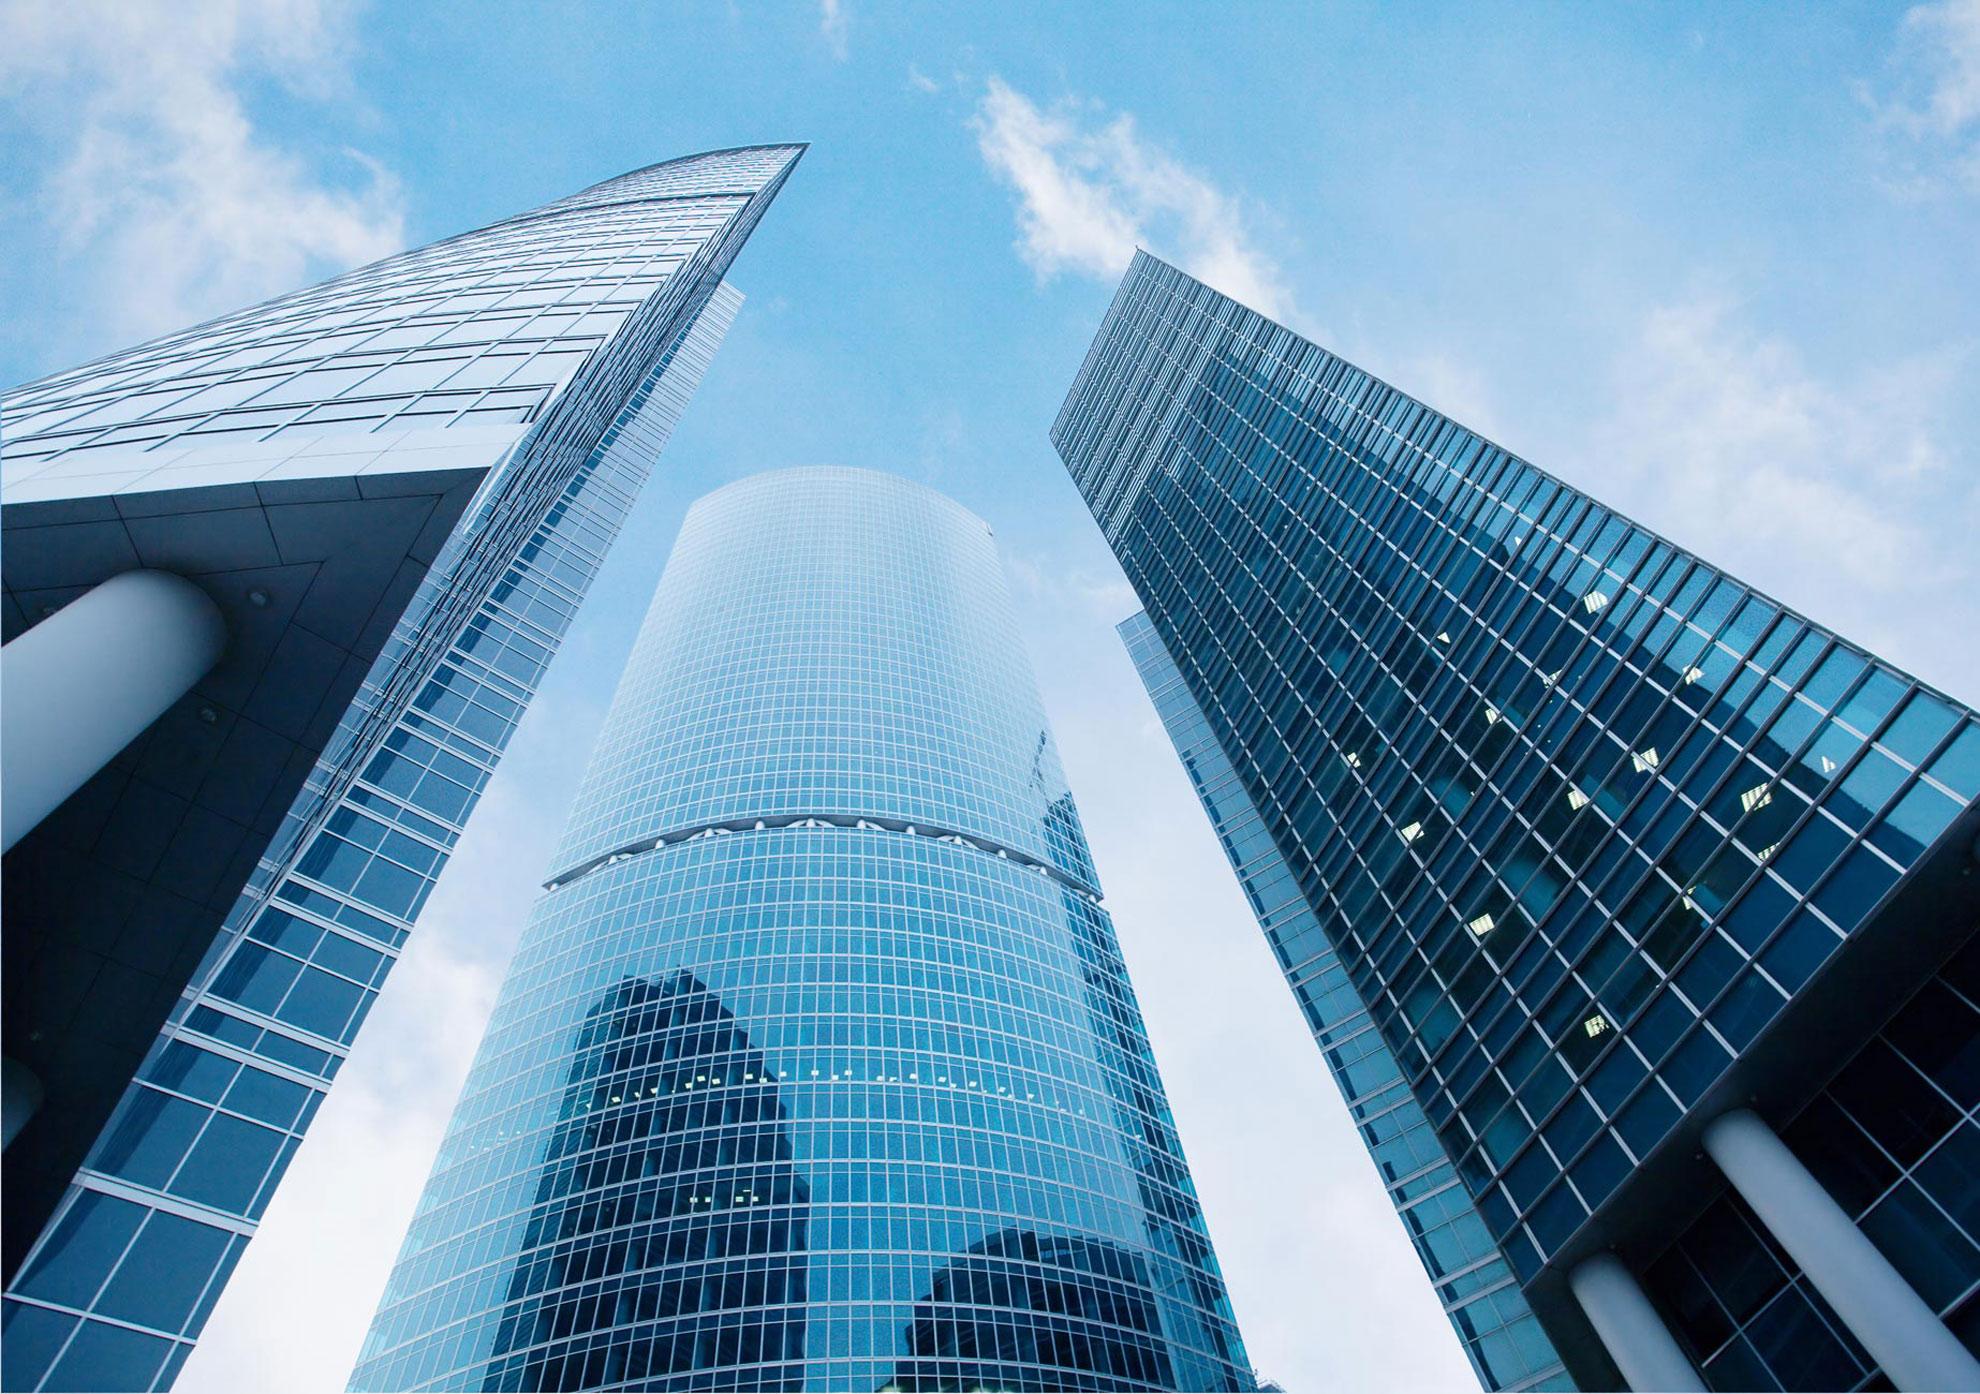 Почему стеклянные фасады зданий самые стильные и оригинальные в 2017?